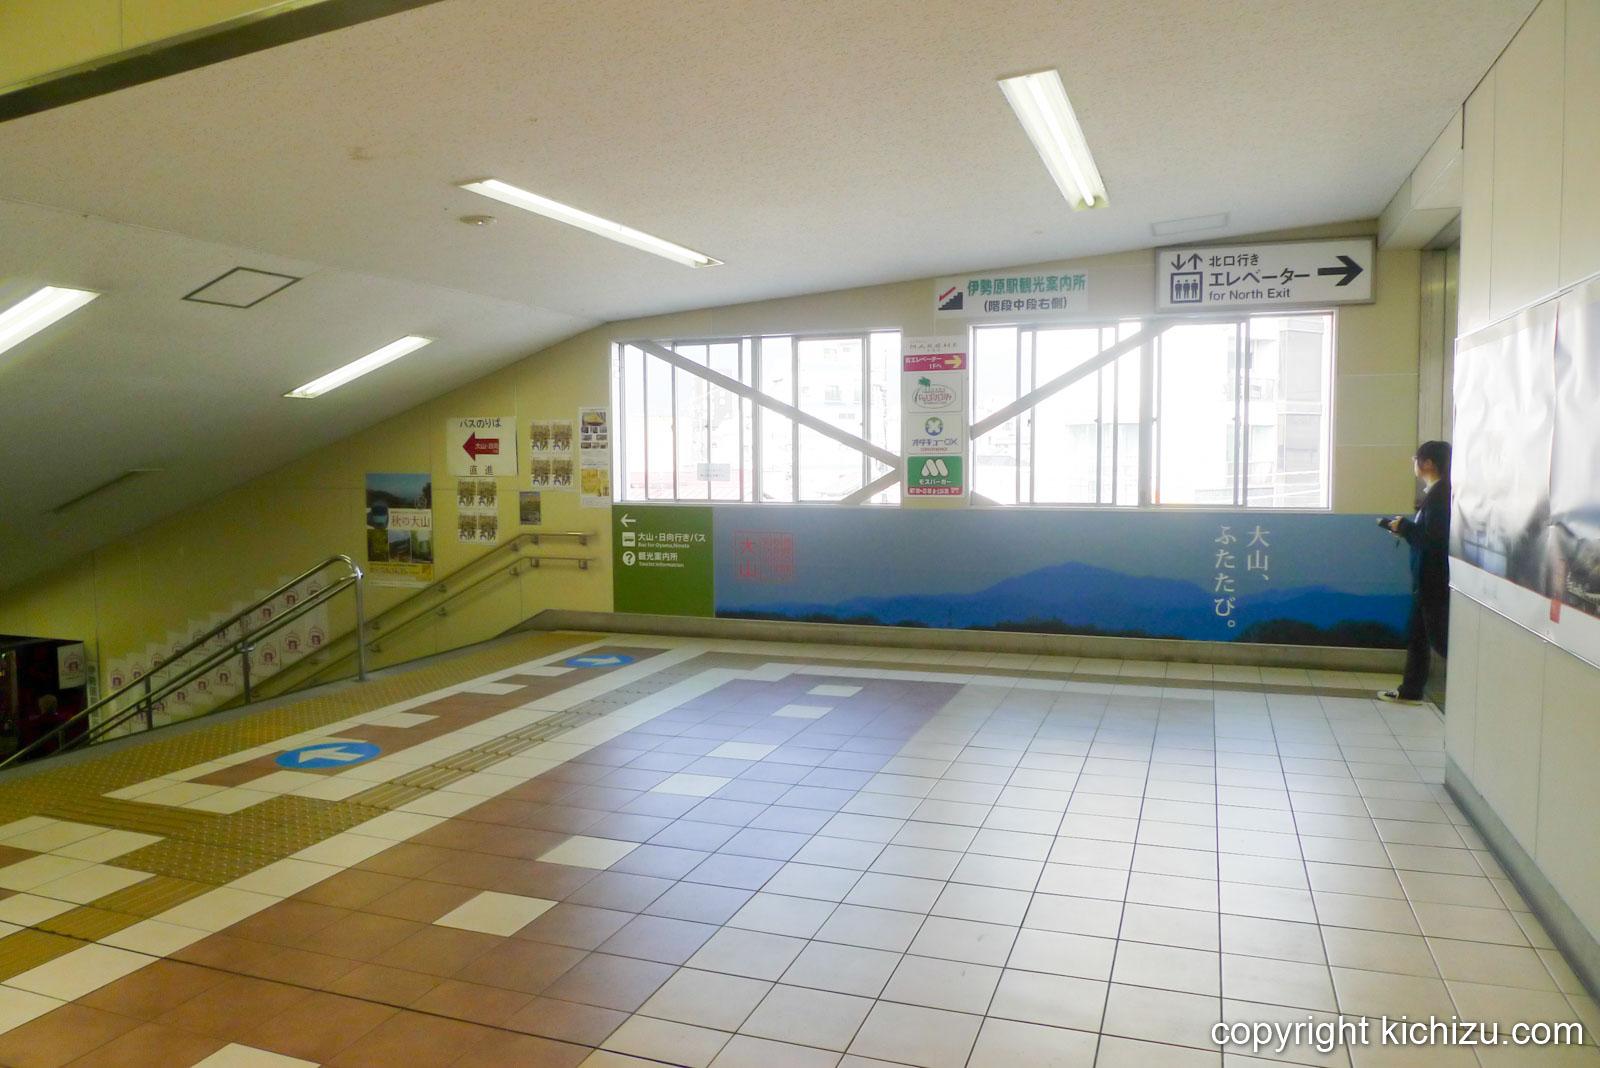 伊勢原駅の階段